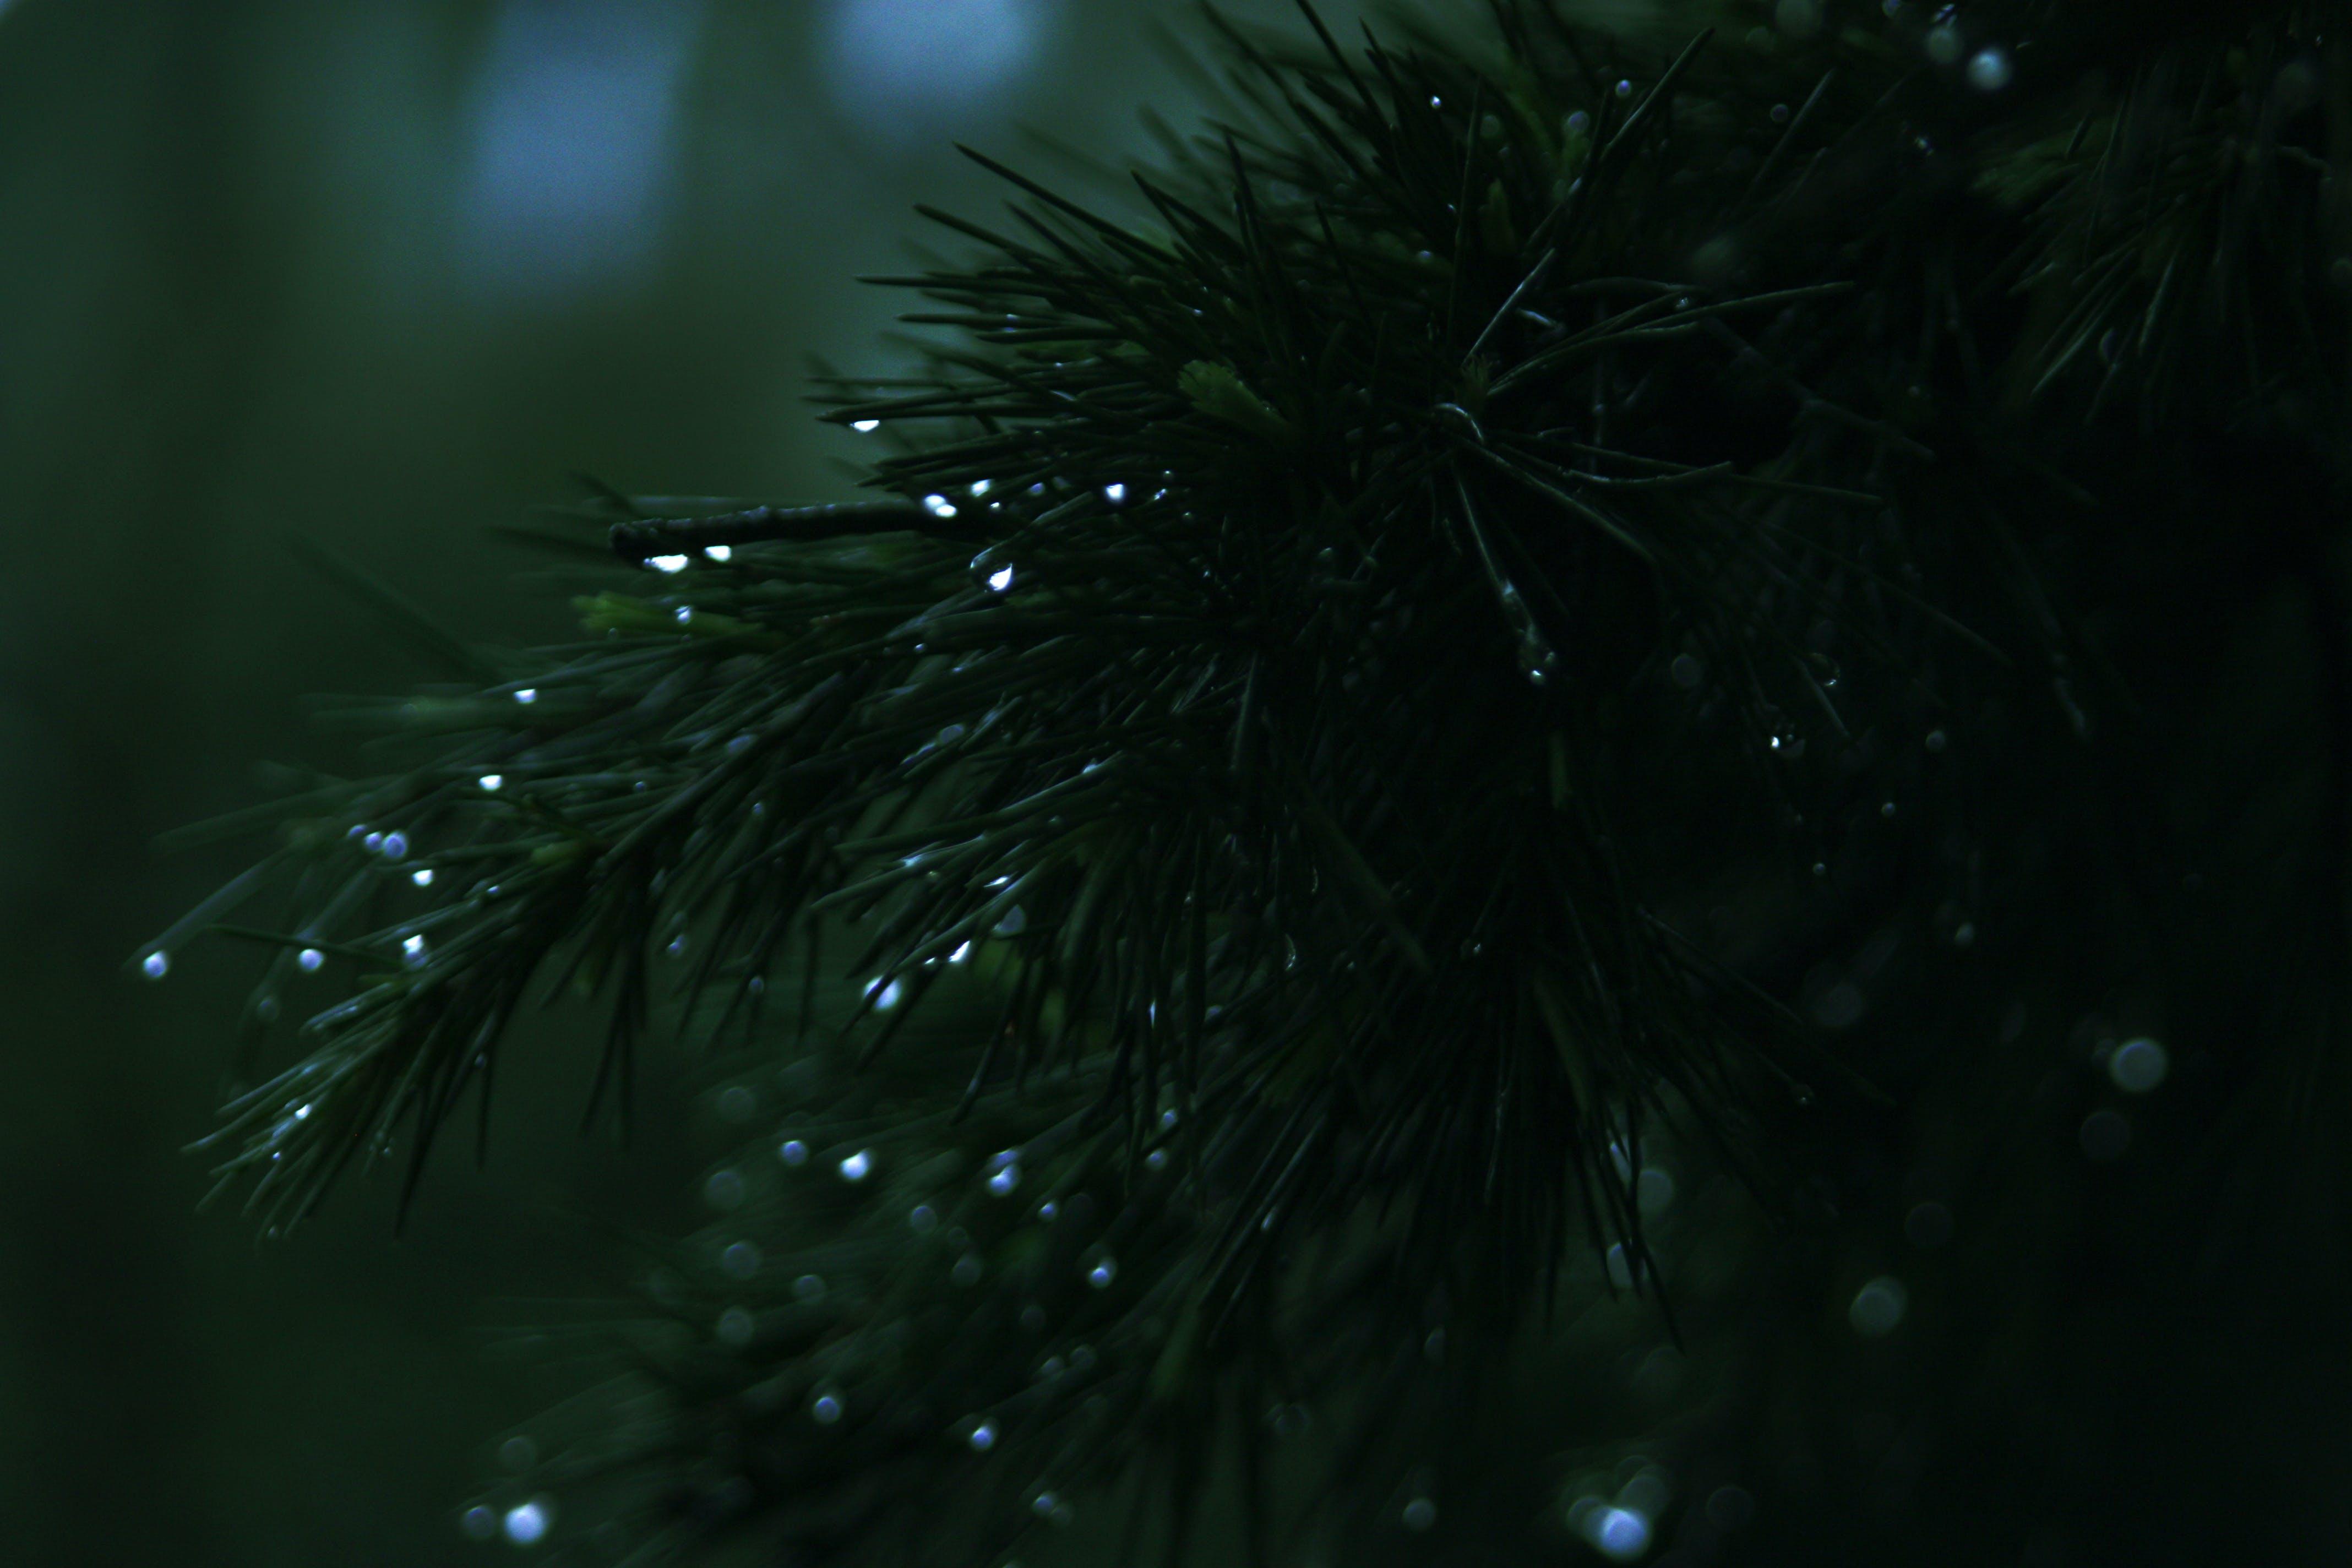 Green Needle Leafed Tree